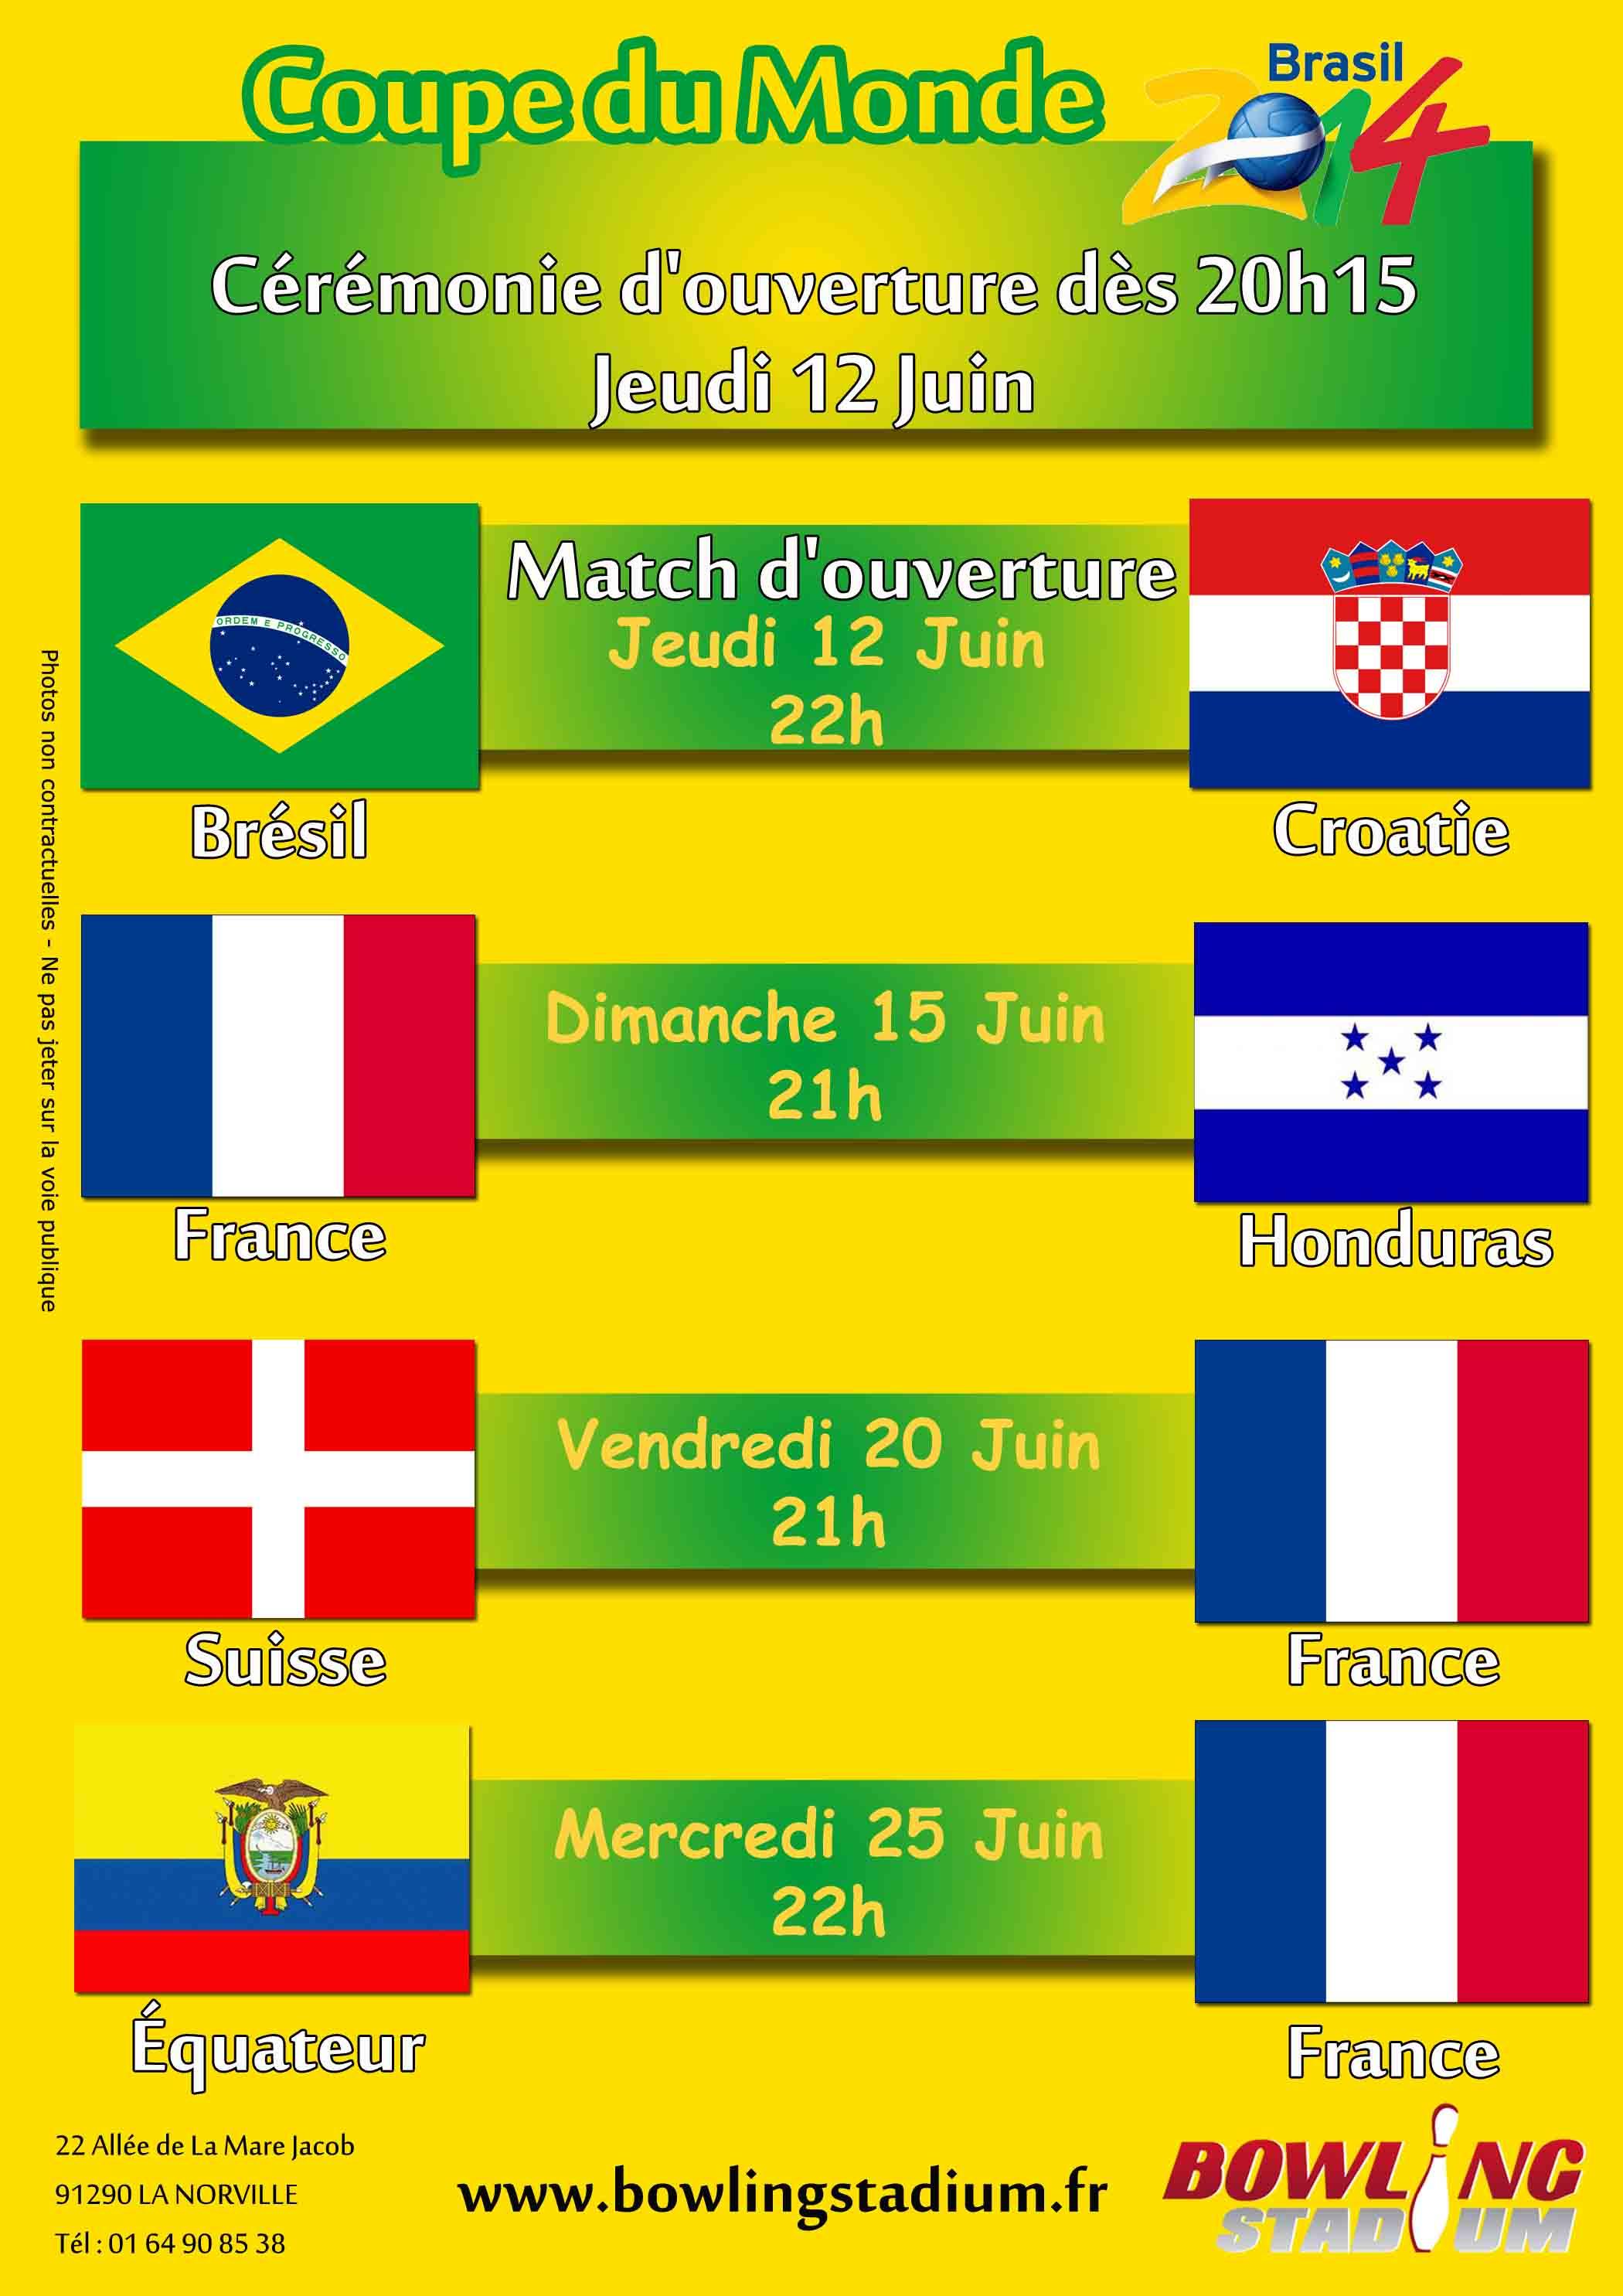 Coupe du monde 2014 diffusion des matchs bowling arpajon - Match d ouverture coupe du monde 2014 ...